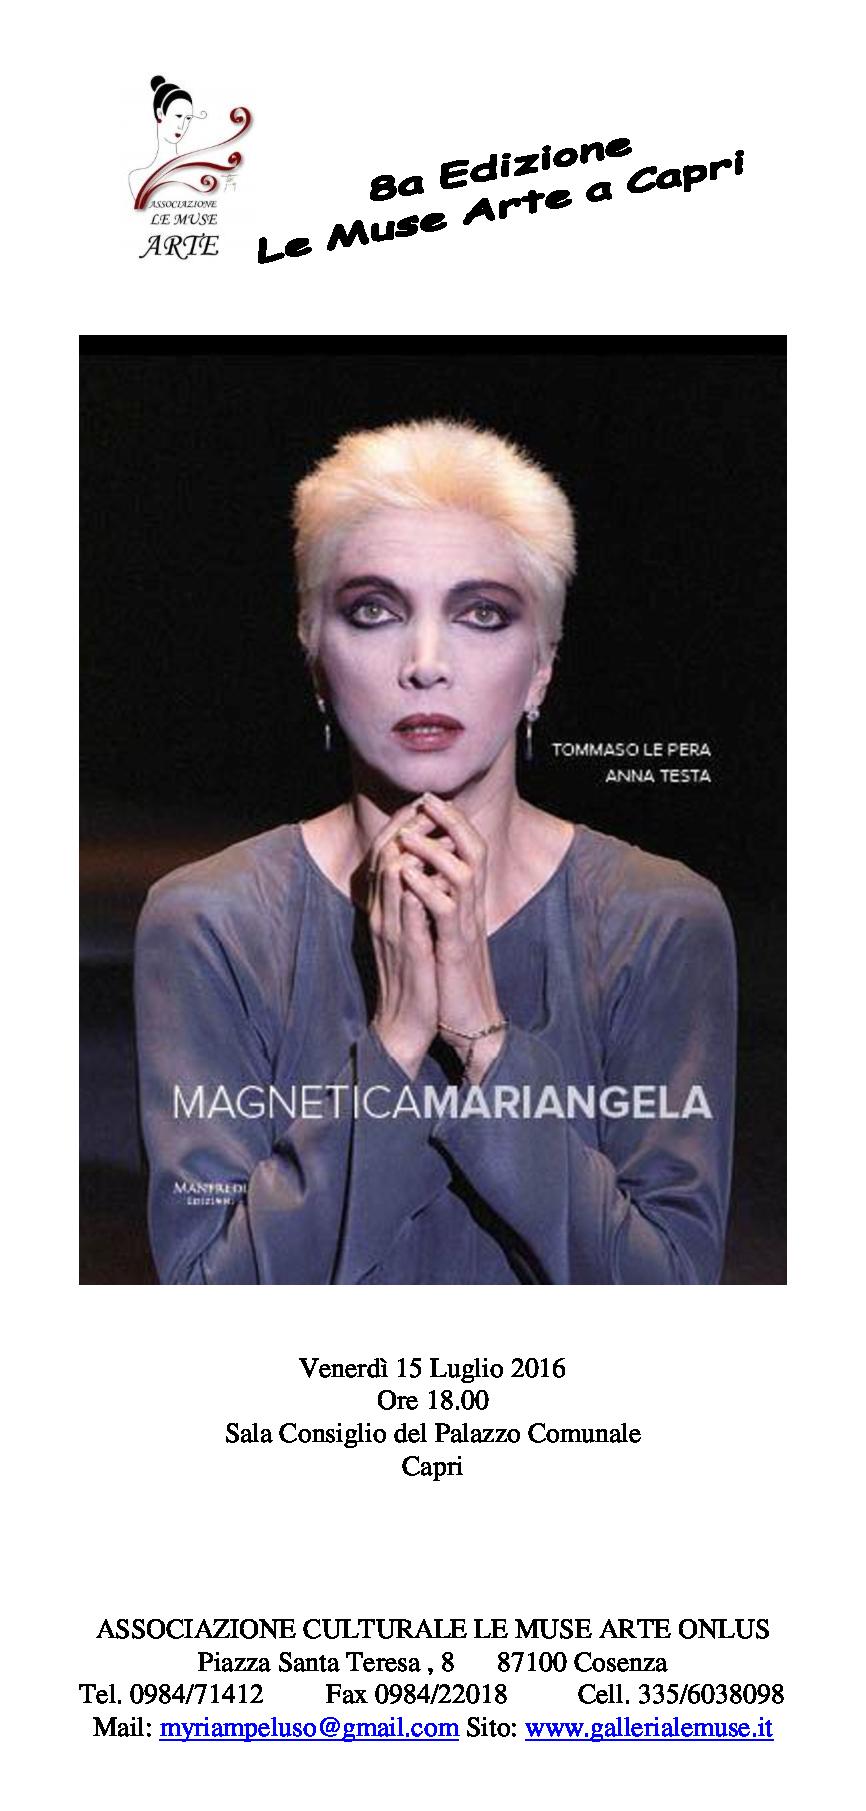 """VIII Edizione """" Le Muse Arte a Capri"""" Dal 15 al 25 Luglio 2016"""